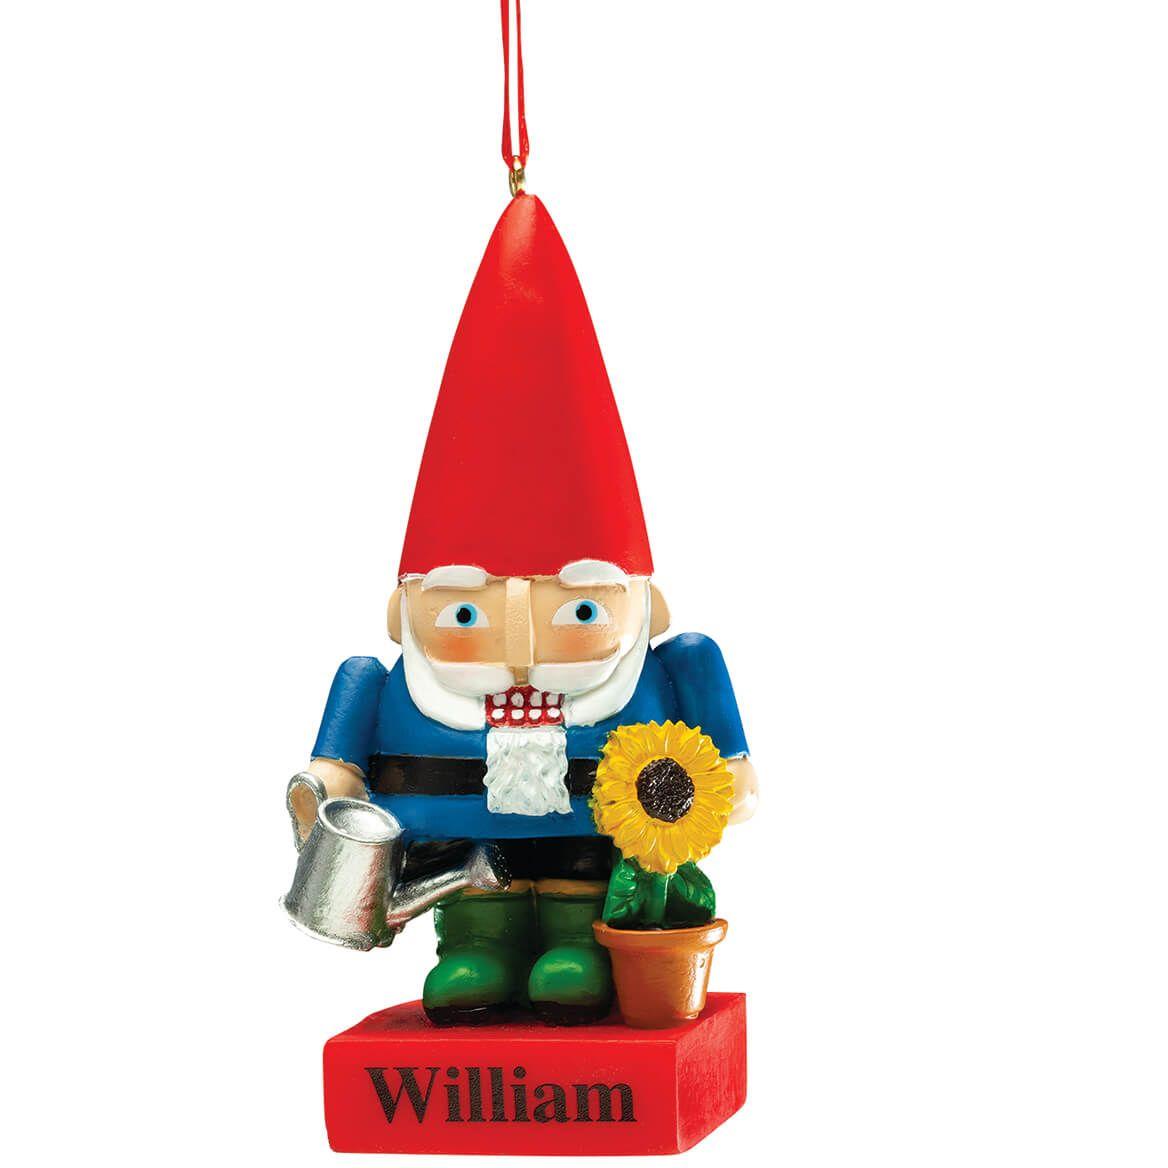 Personalized Garden Gnome Nutcracker Ornament-372365